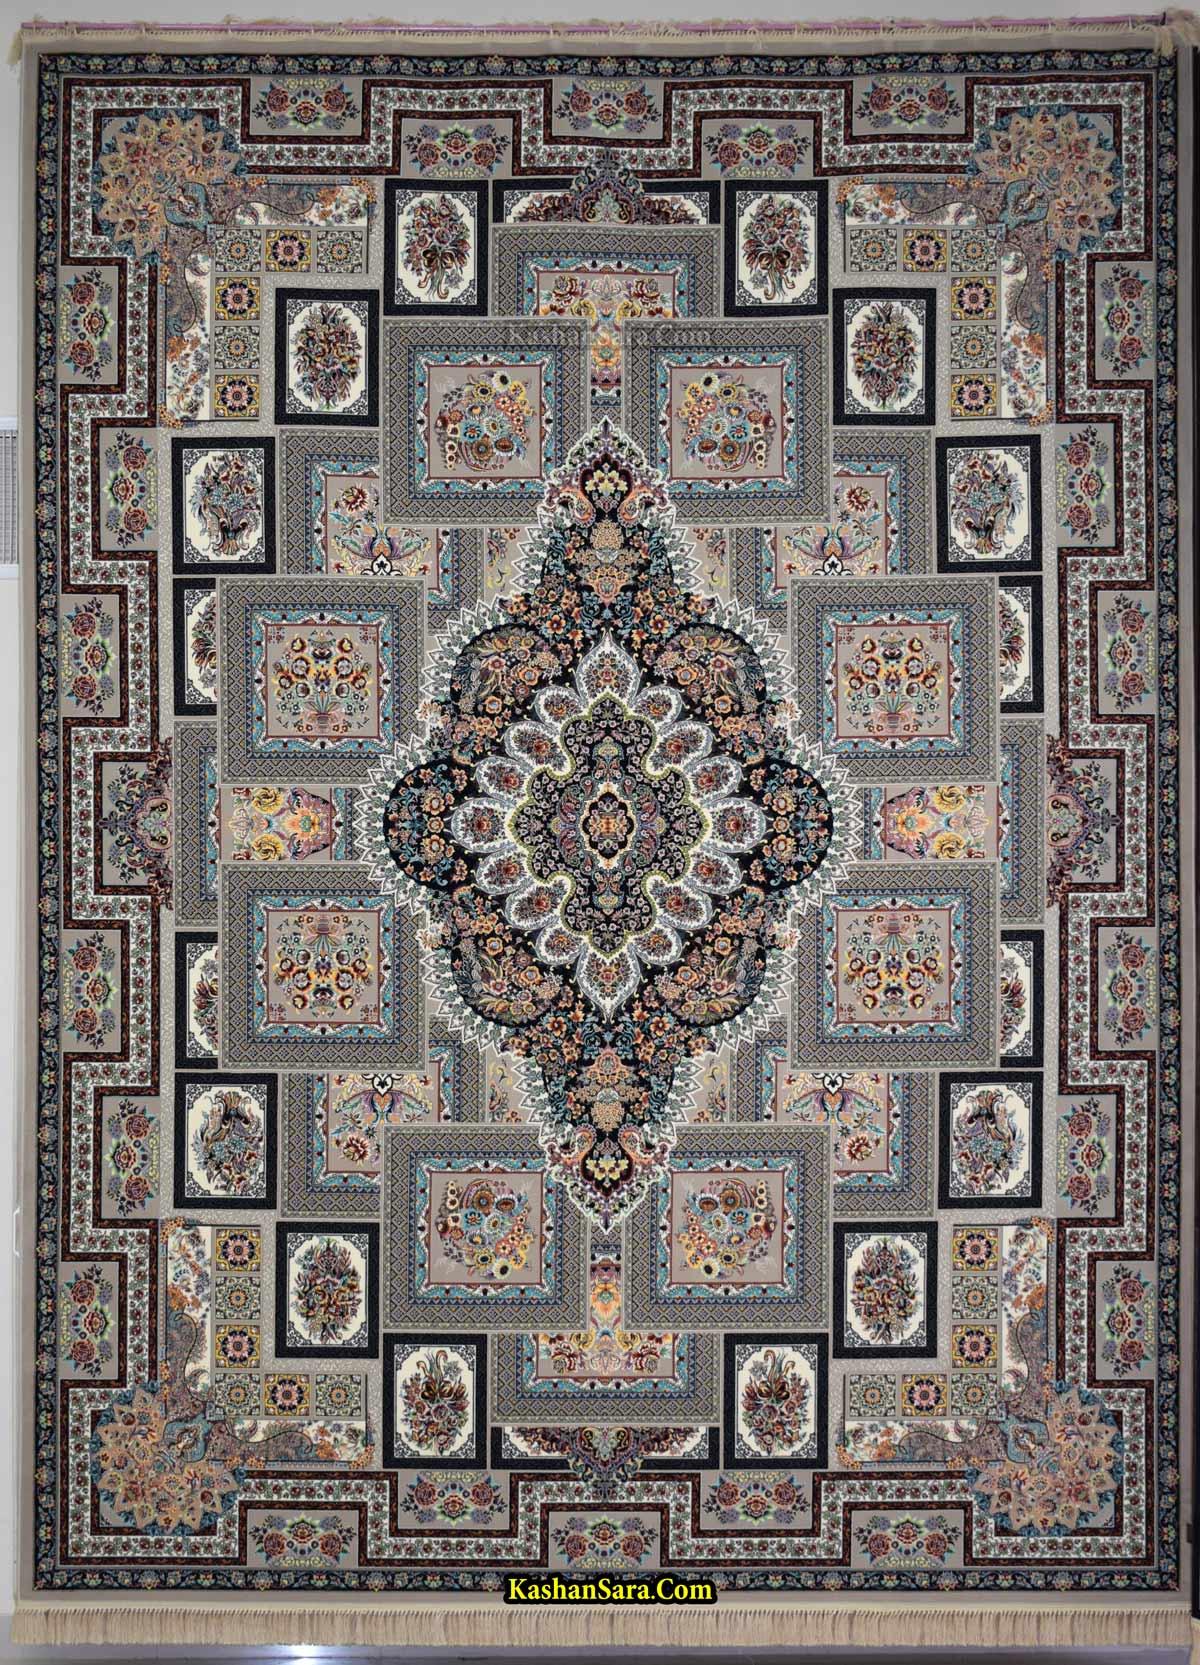 فرش ۱۲۰۰ شانه کاشان طرح یگانه